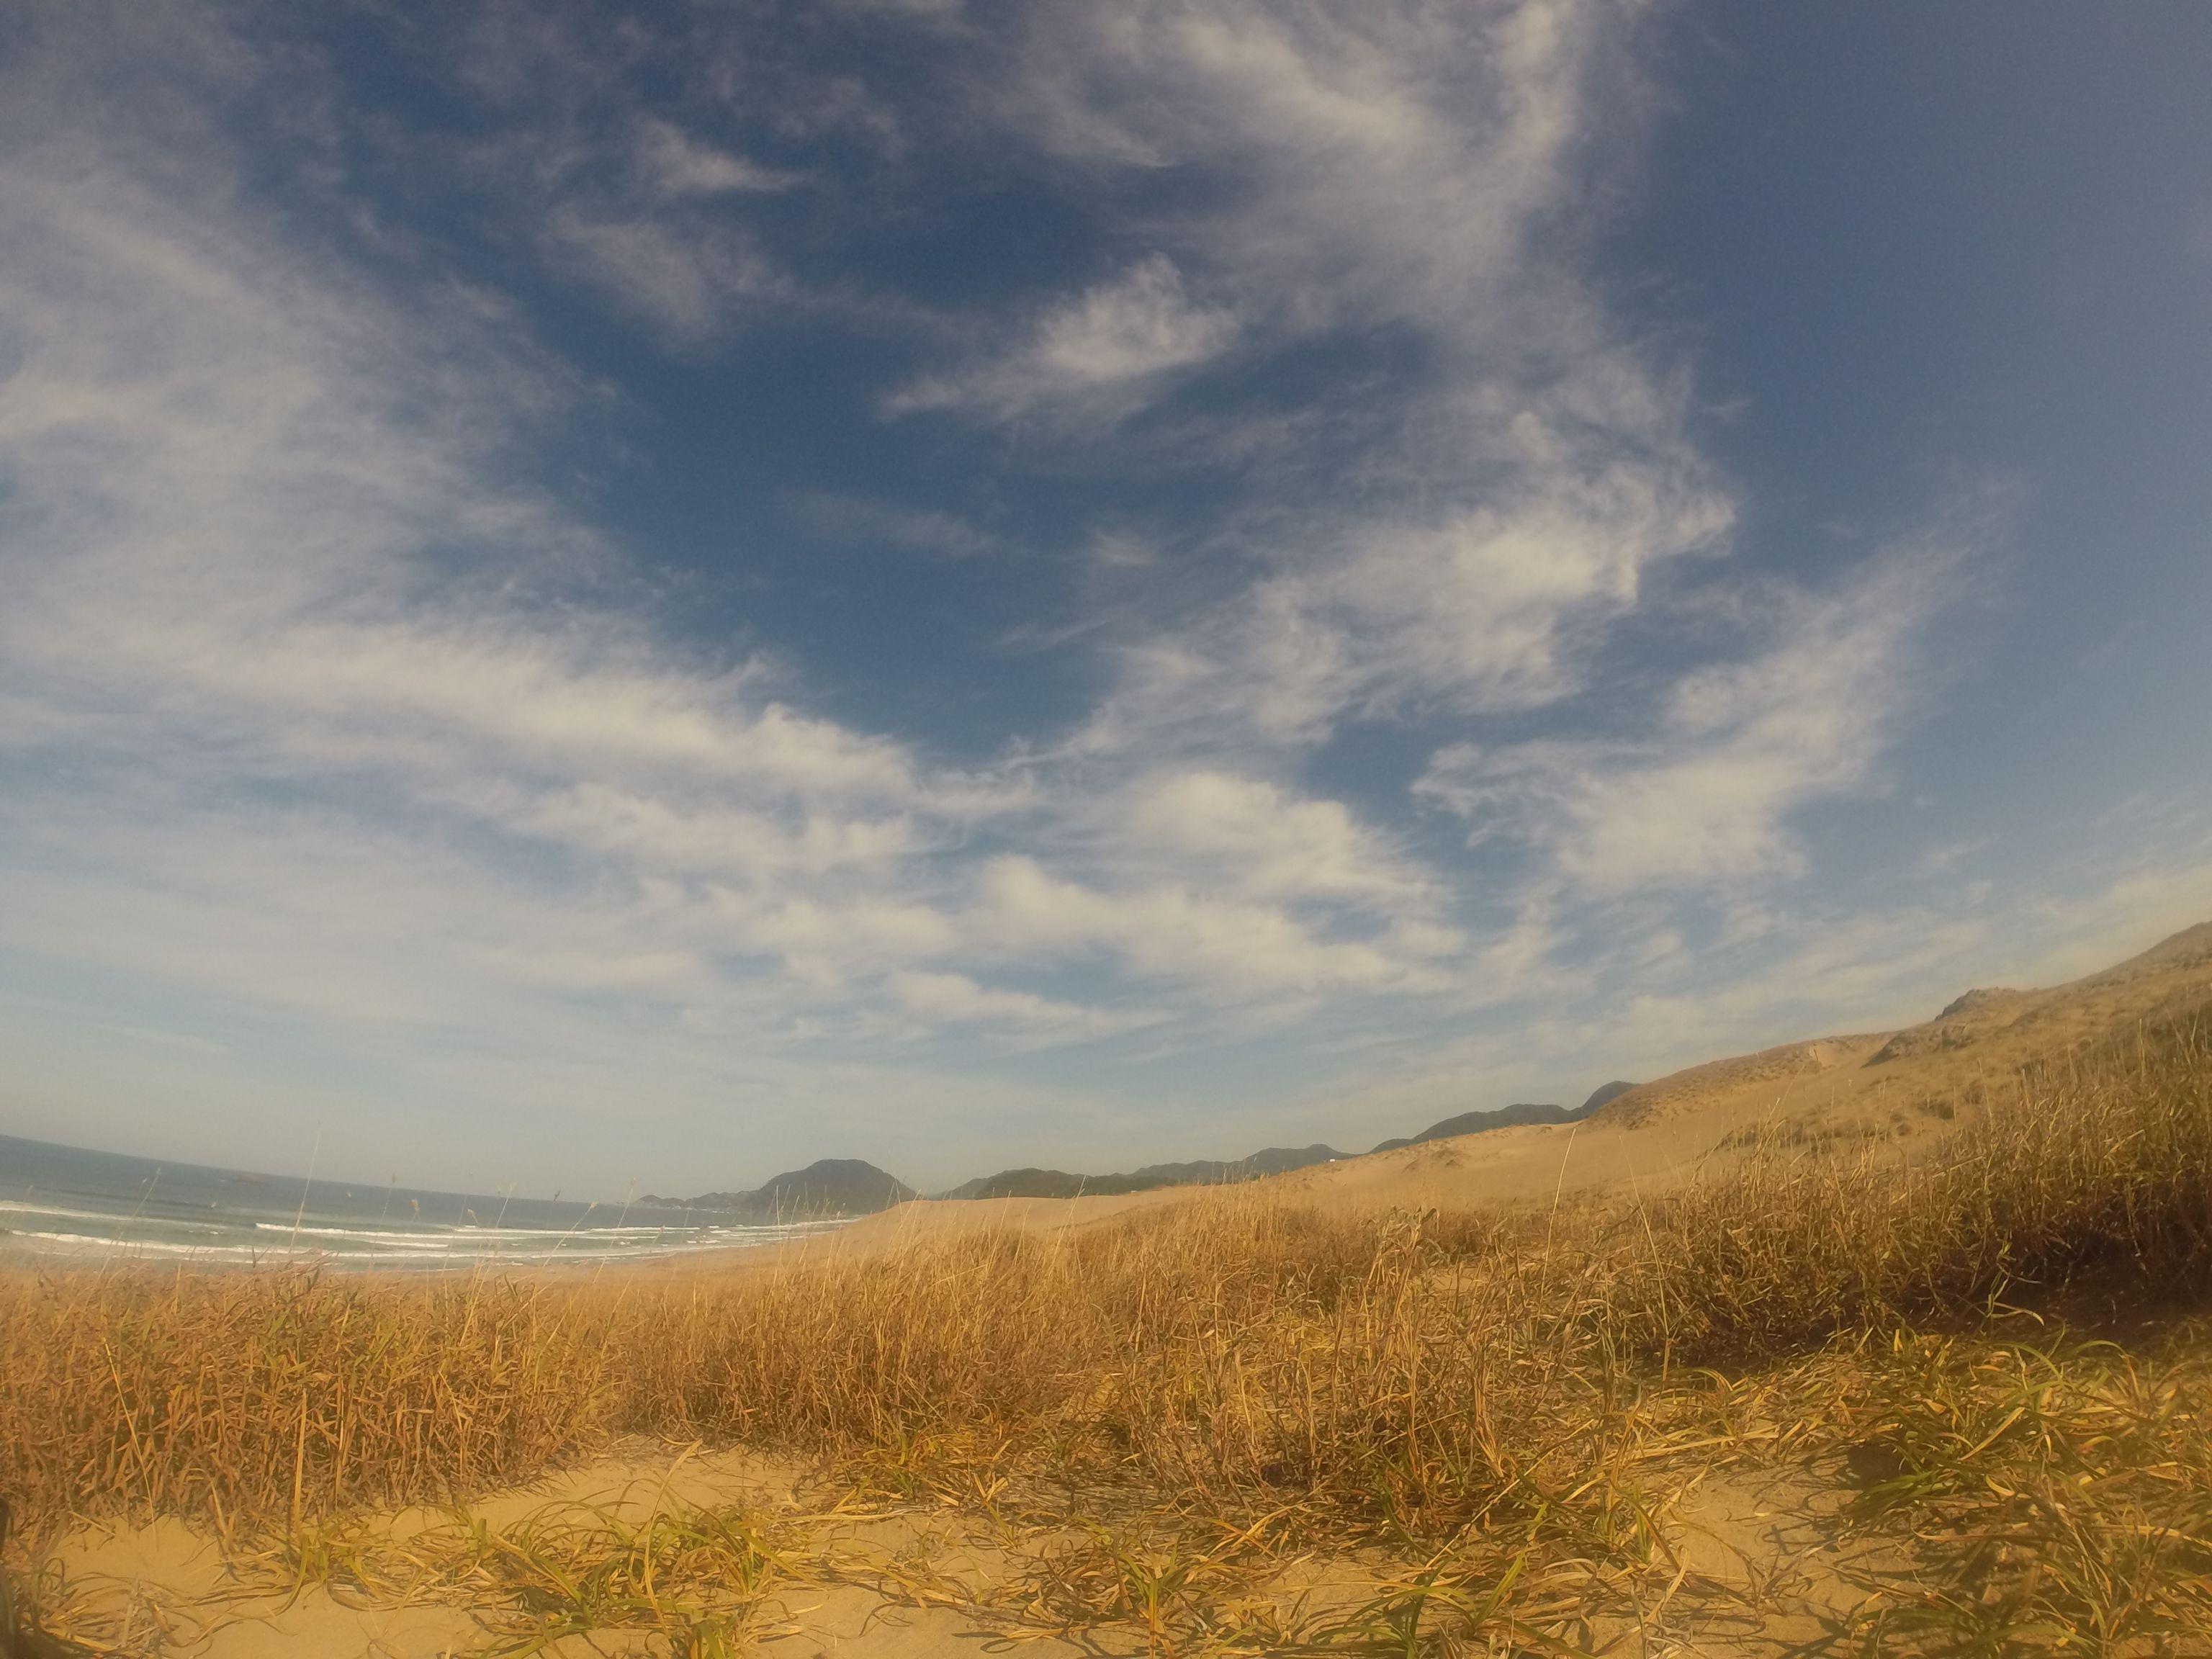 青空と白い雲のコントラストがきれいな鳥取砂